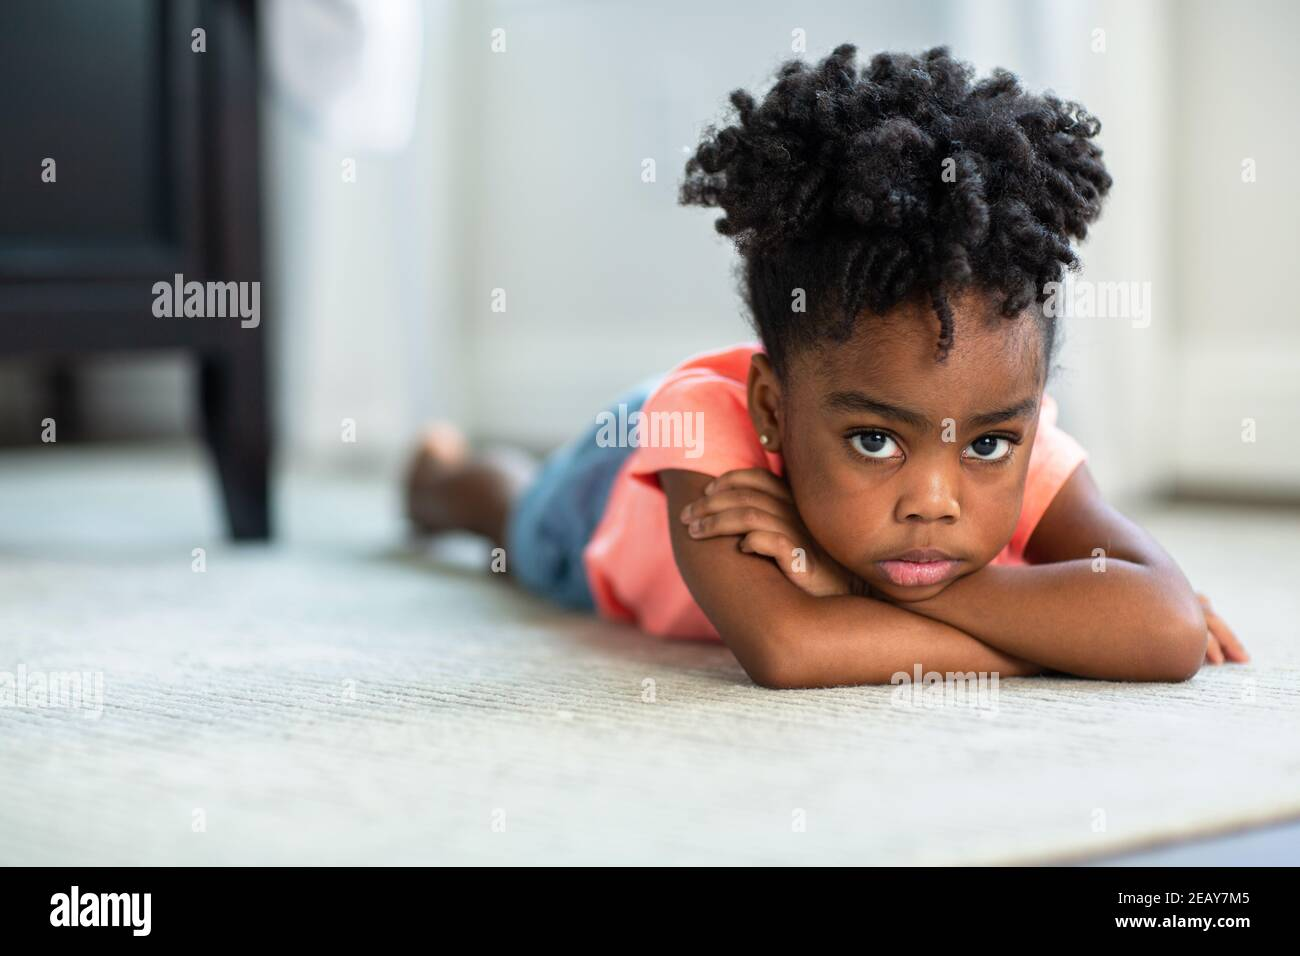 Una niña afroamericana disgustada y que puta. Foto de stock